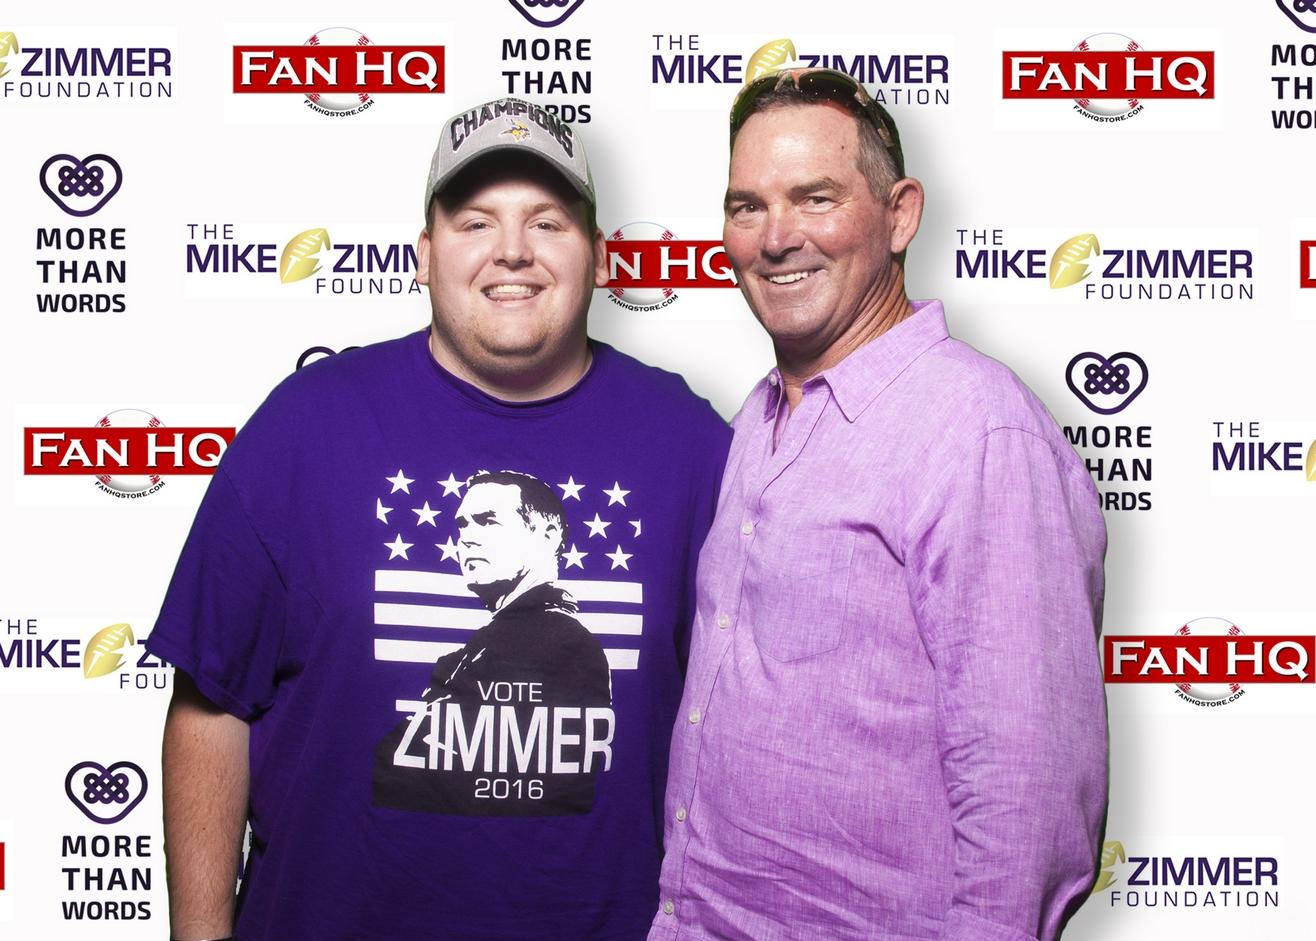 coach-zimmer-fan-hq-53